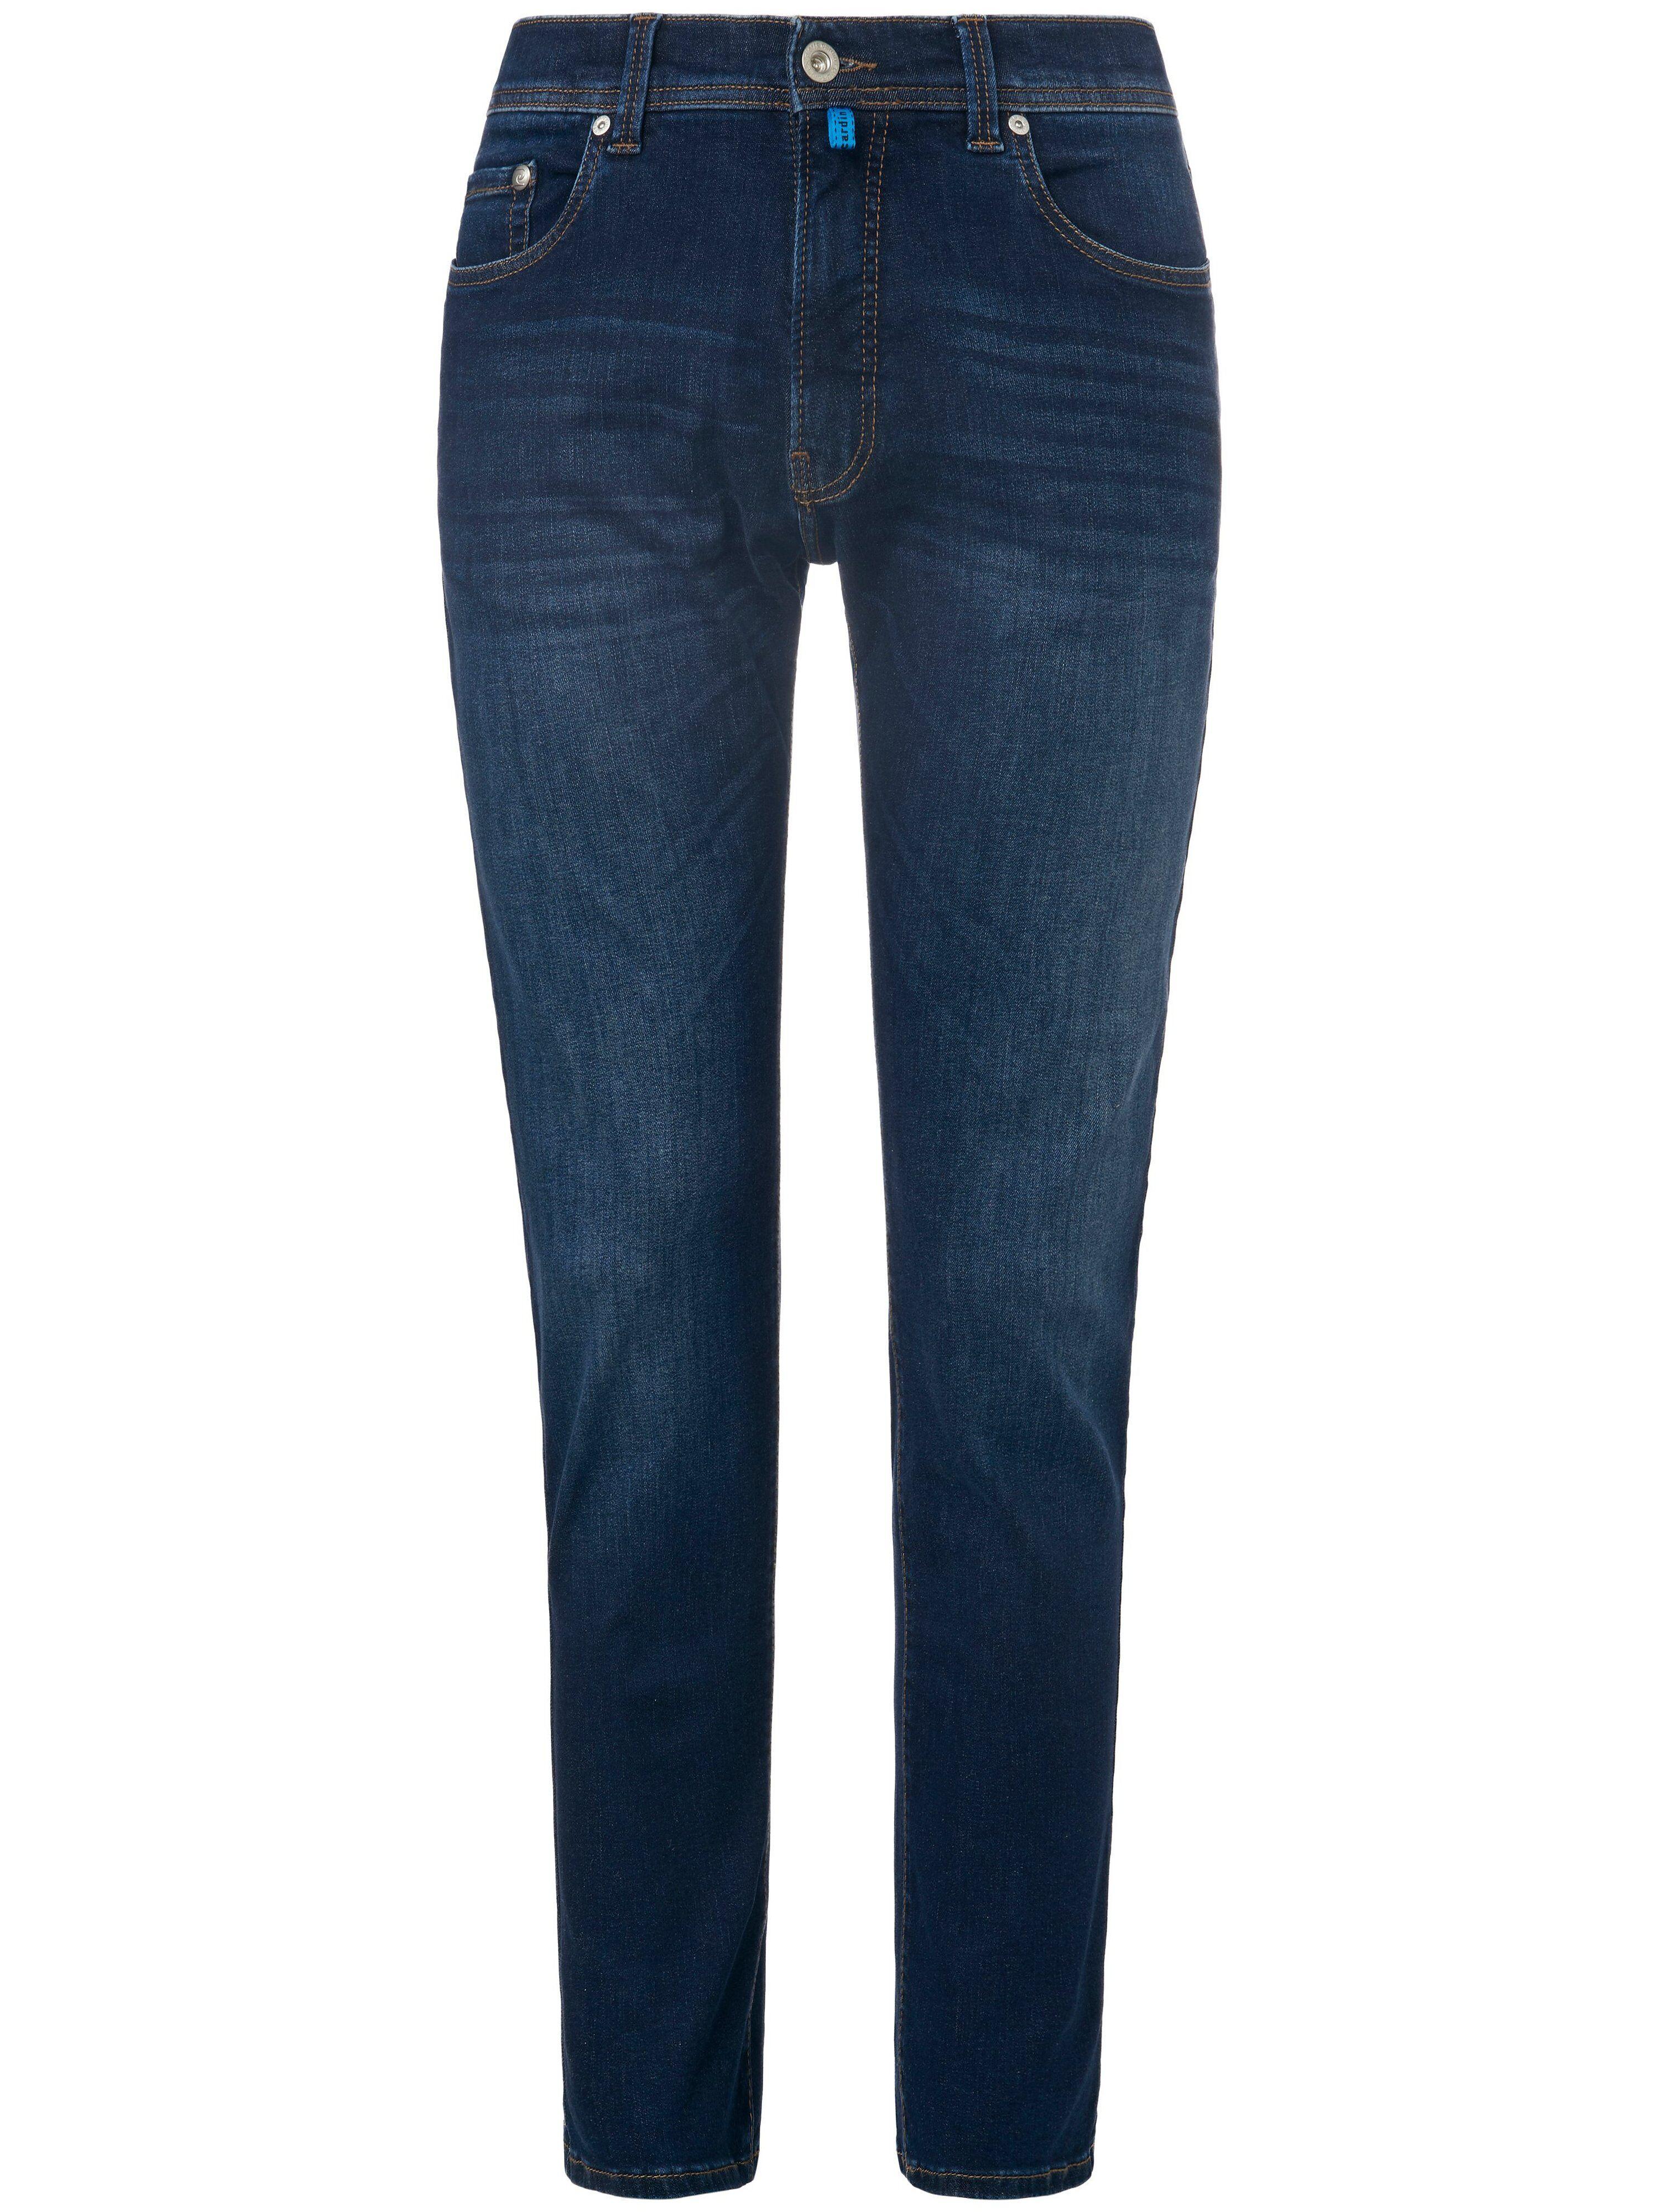 Pierre Cardin Le jean modèle Lyon Tapered  Pierre Cardin denim  - Homme - 25